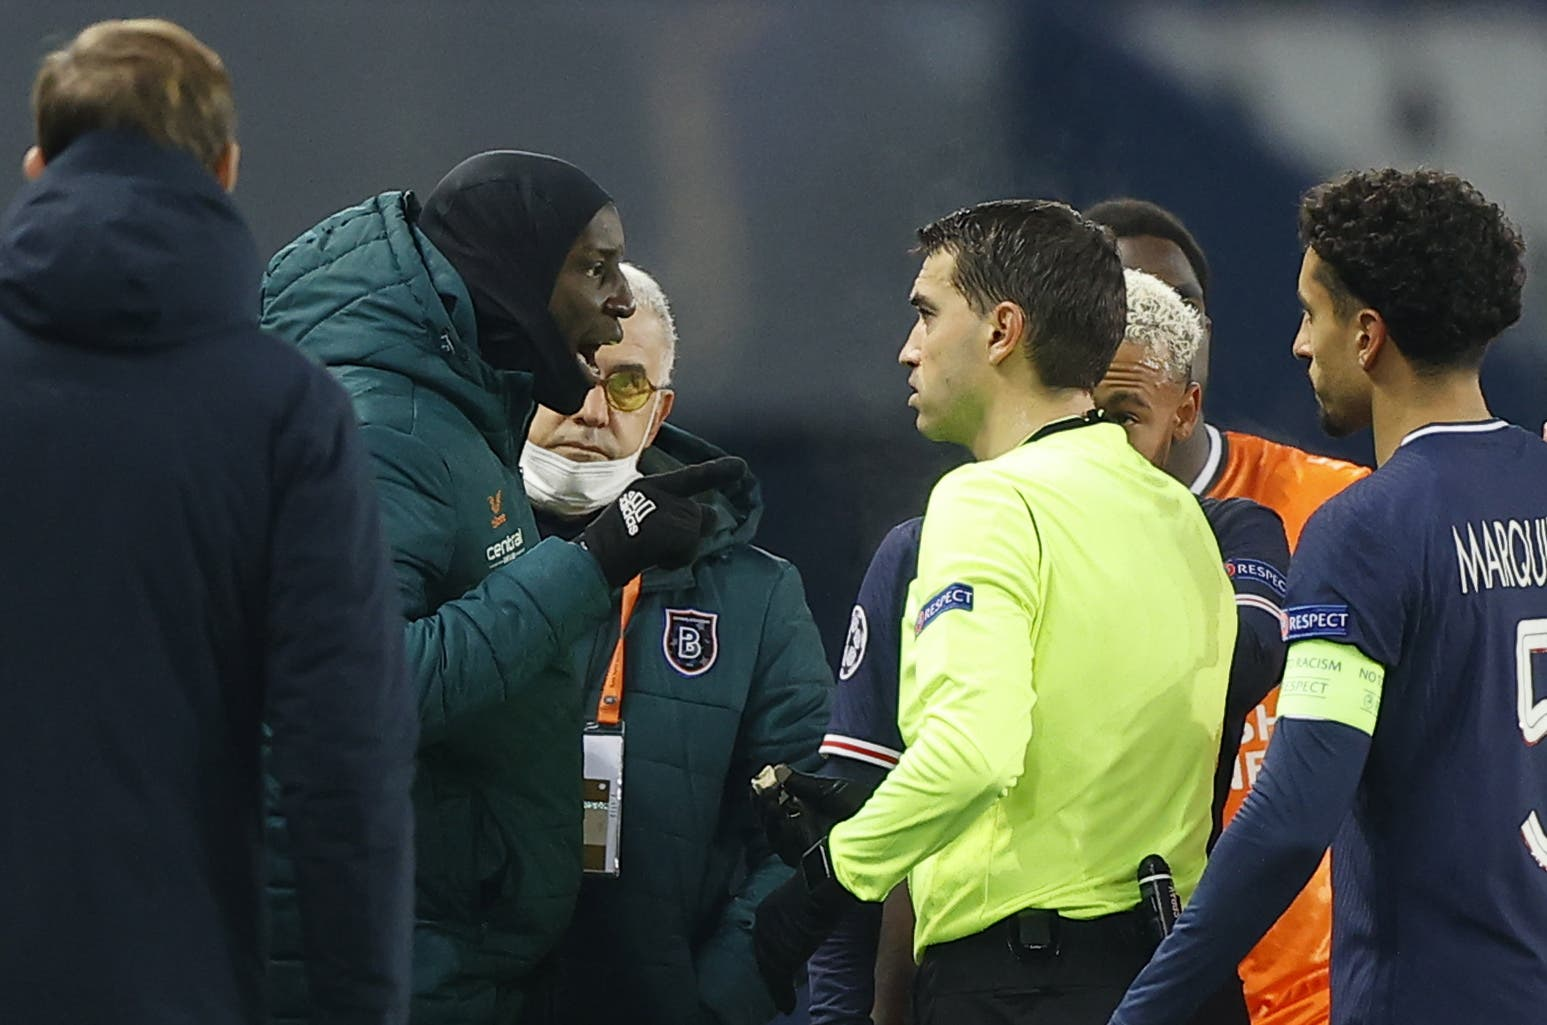 Der Betreuer erhält, weil er sich lauthals beschwert, die rote Karte. Basaksehir-Spieler Demba Ba erklärt den Vorgang dem Schiedsrichter.